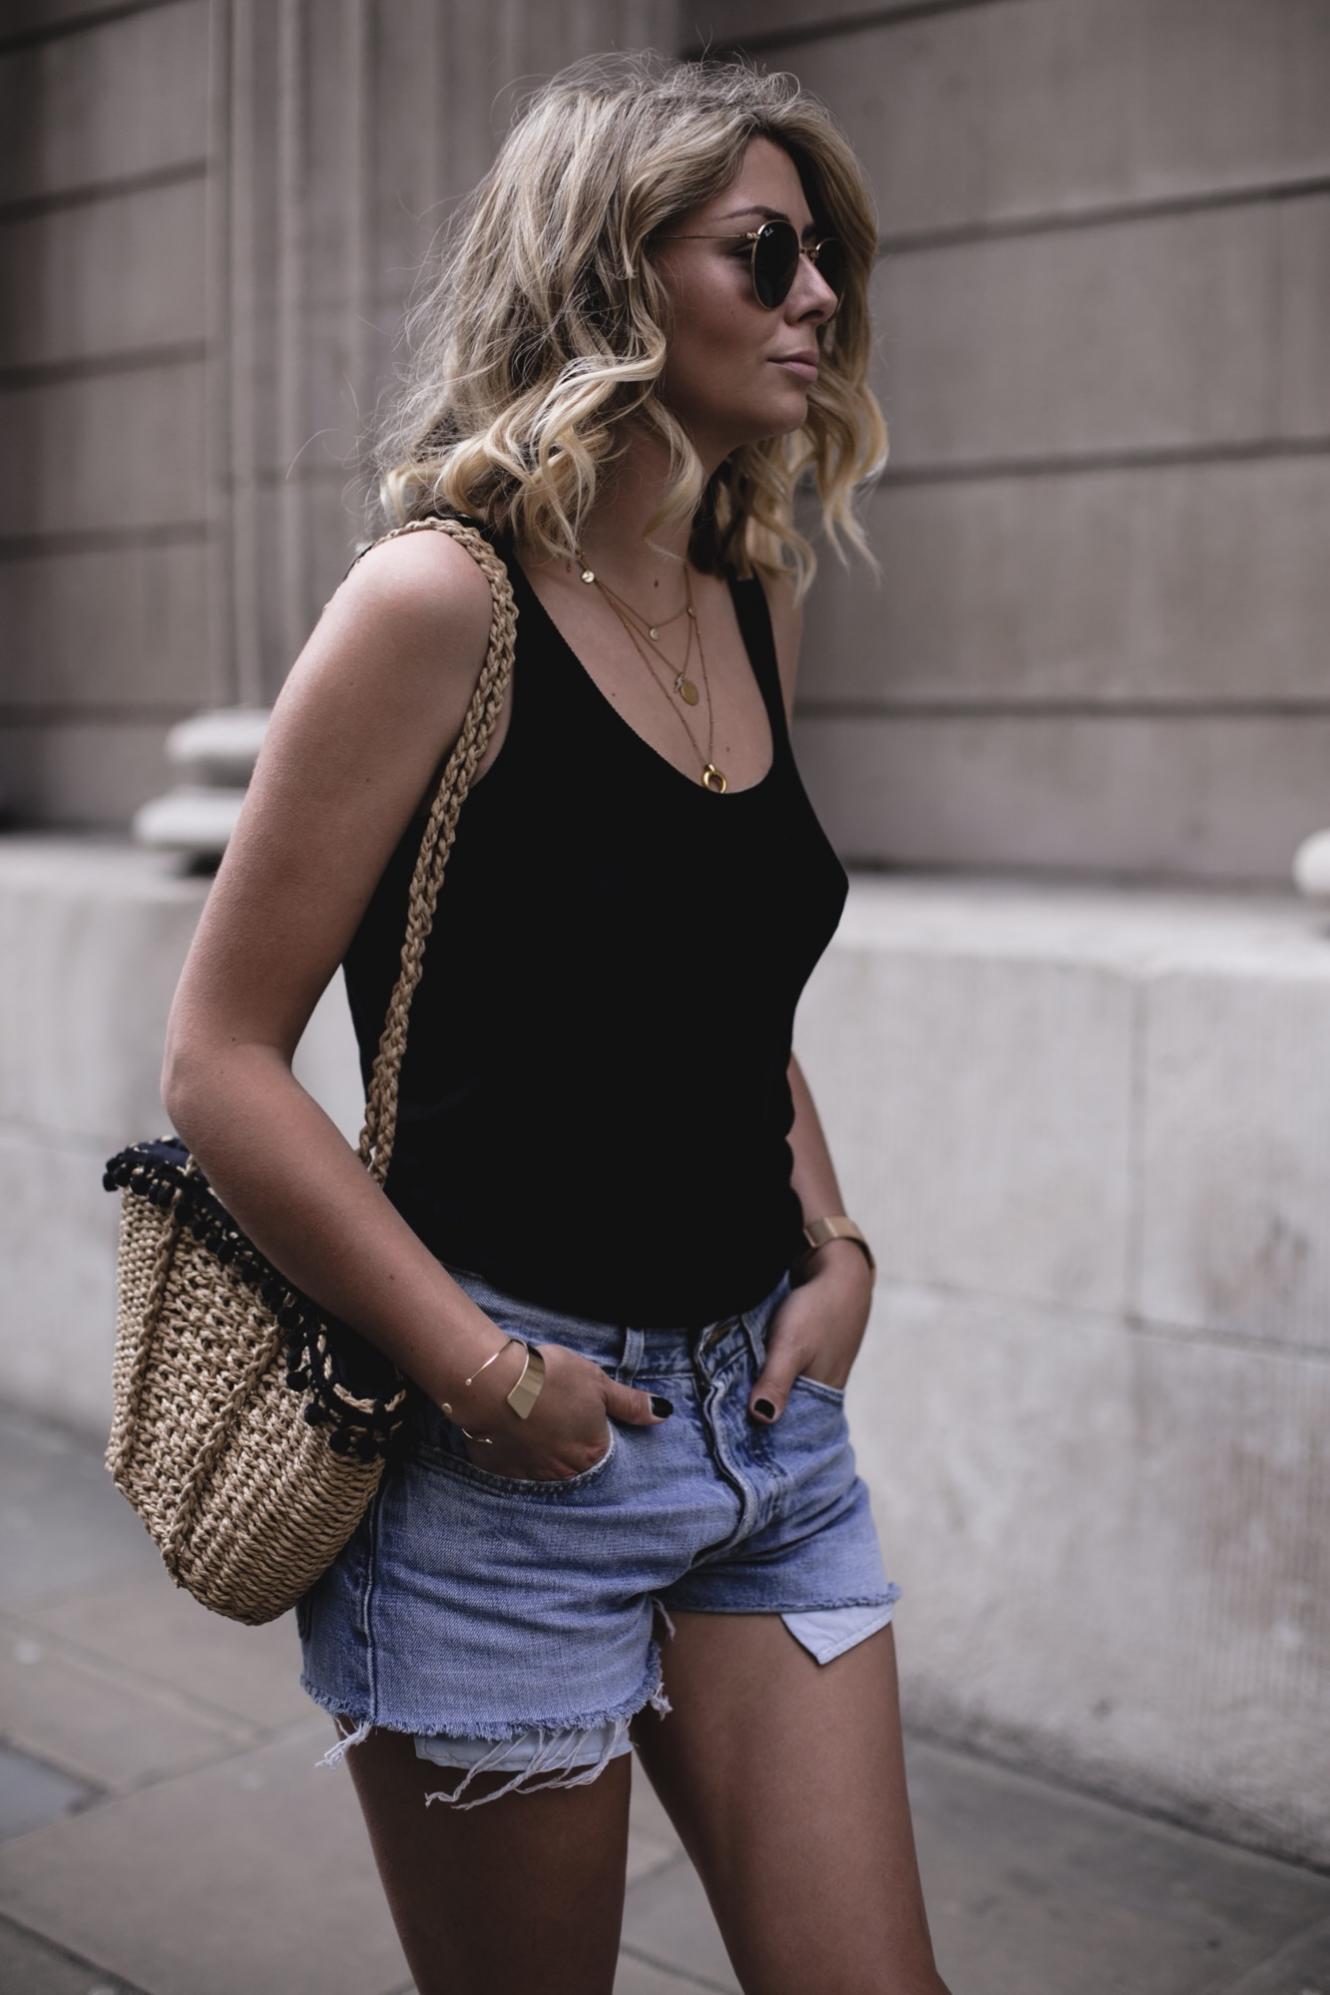 EJSTYLE | Low back black vest top, vintage Levis 501 shorts, straw basket bag, summer outfit